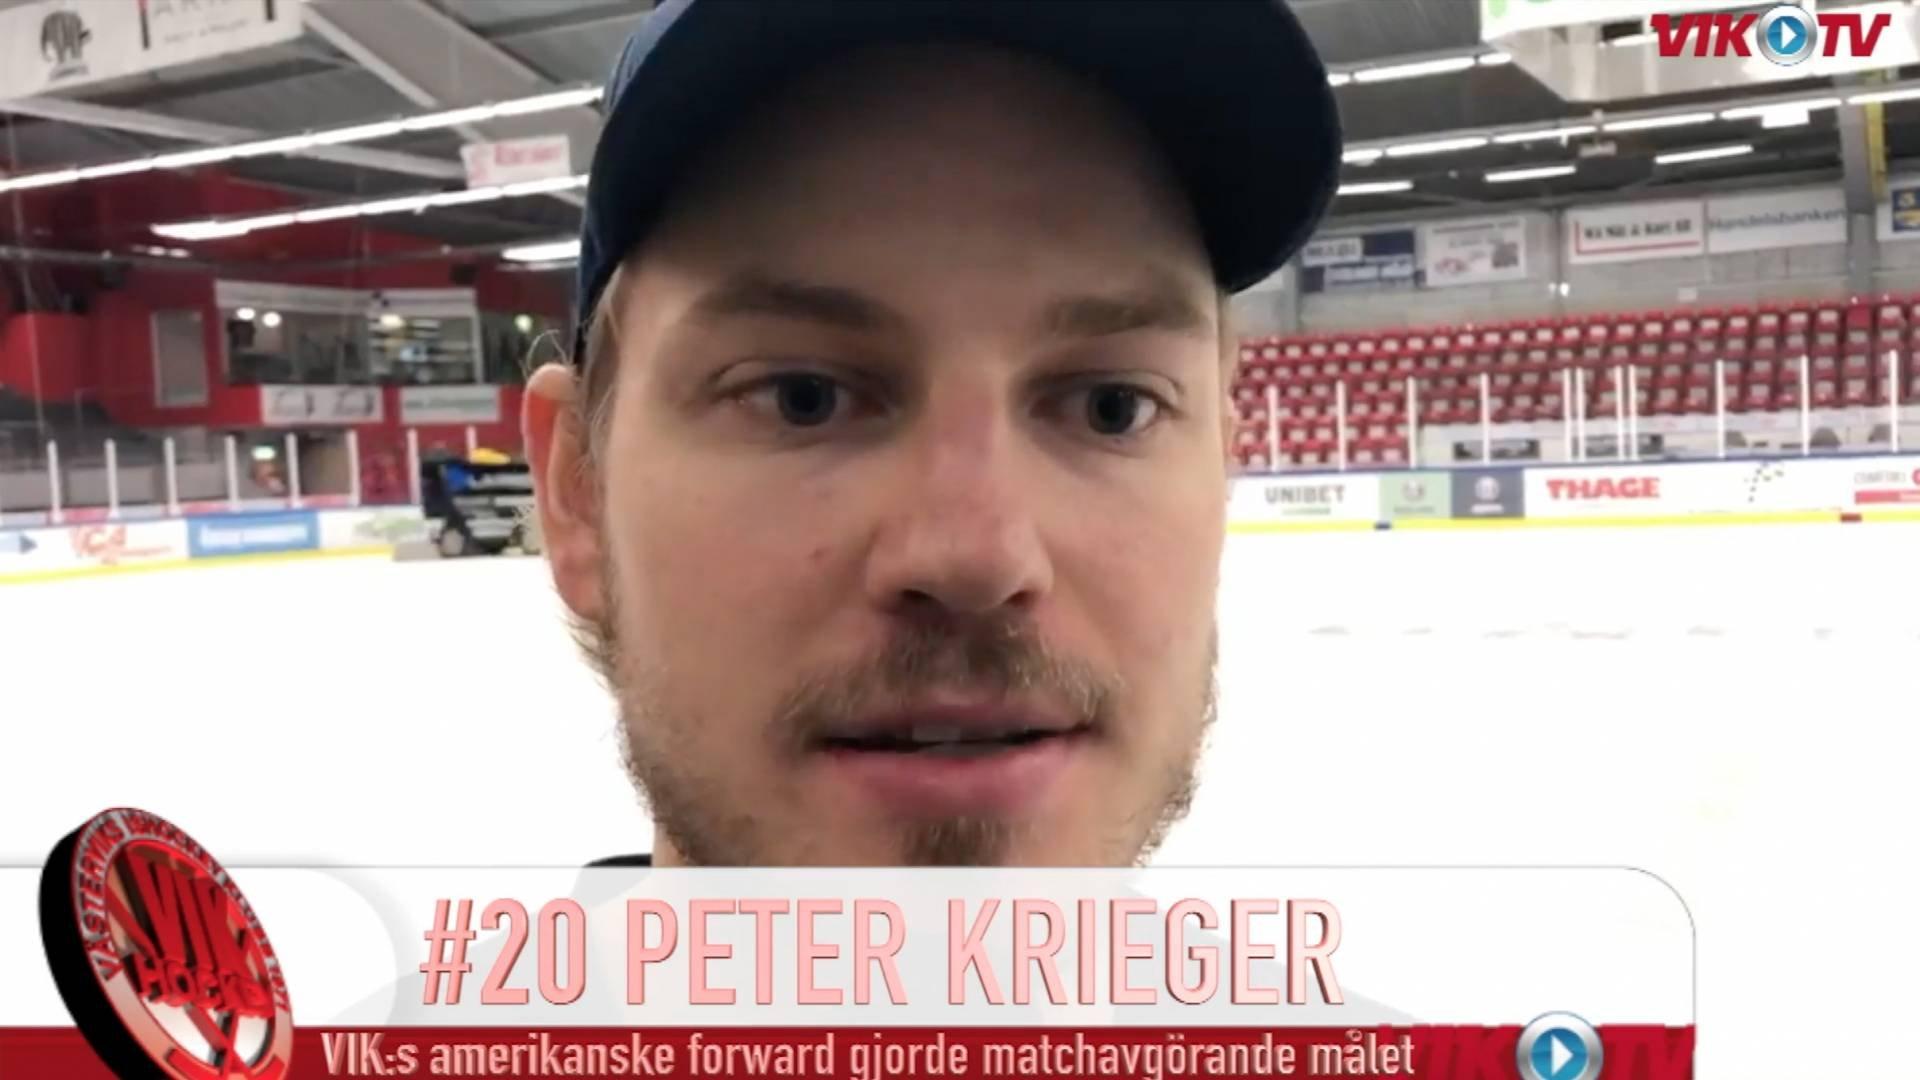 VIK-TV: Omklädningsrumsjubel med Peter Krieger-intervju efter VIK:s bortaseger mot Kristianstad